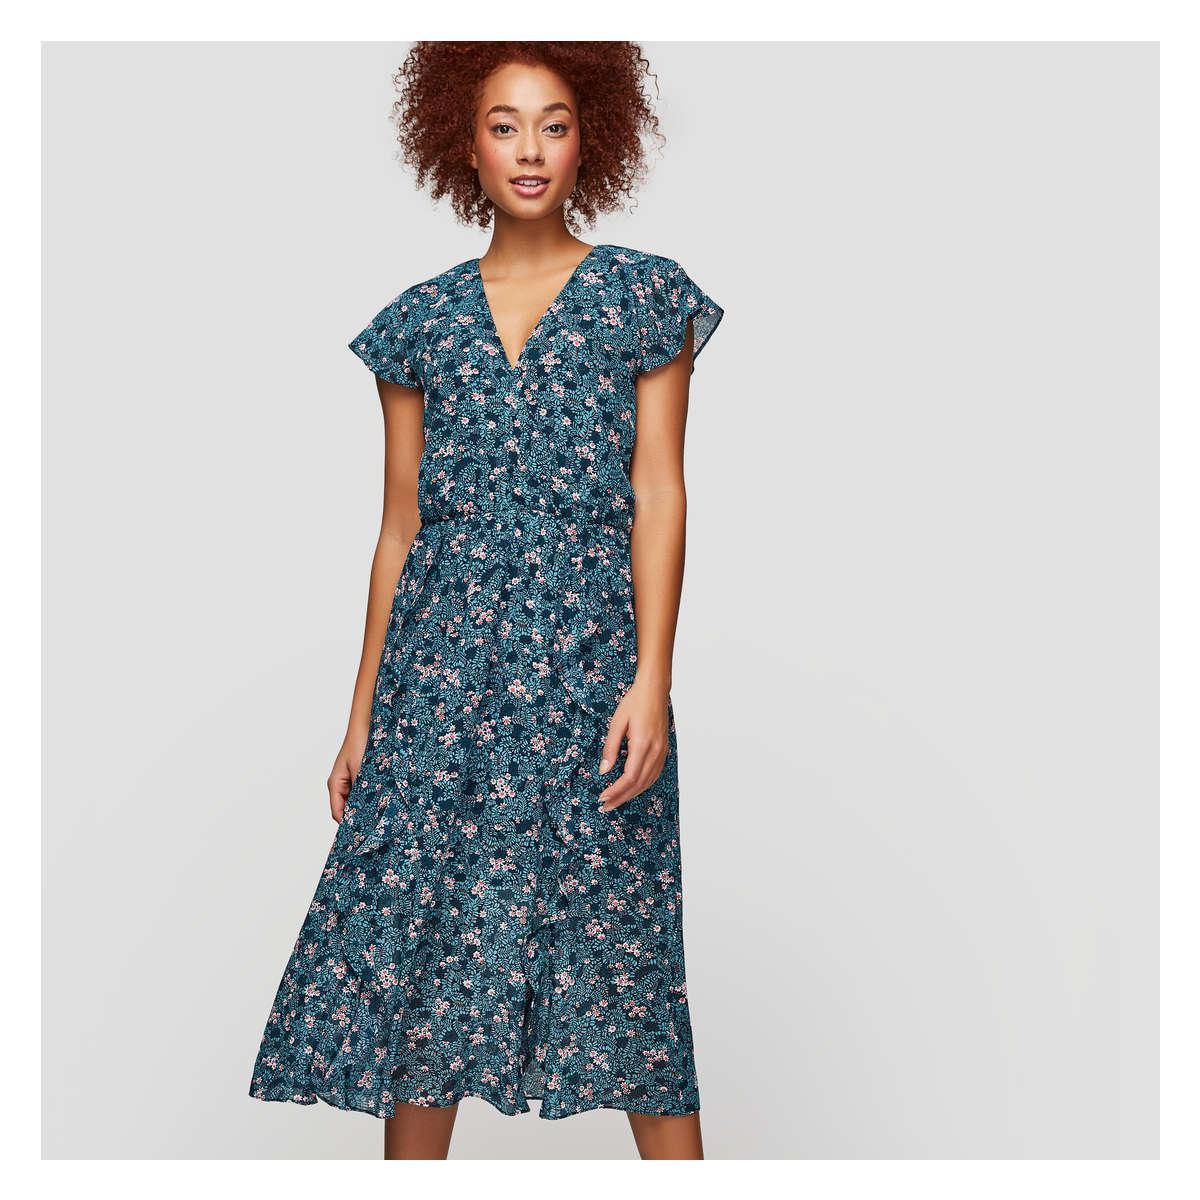 Fashion Shoppingbudget joe fresh printed skirt